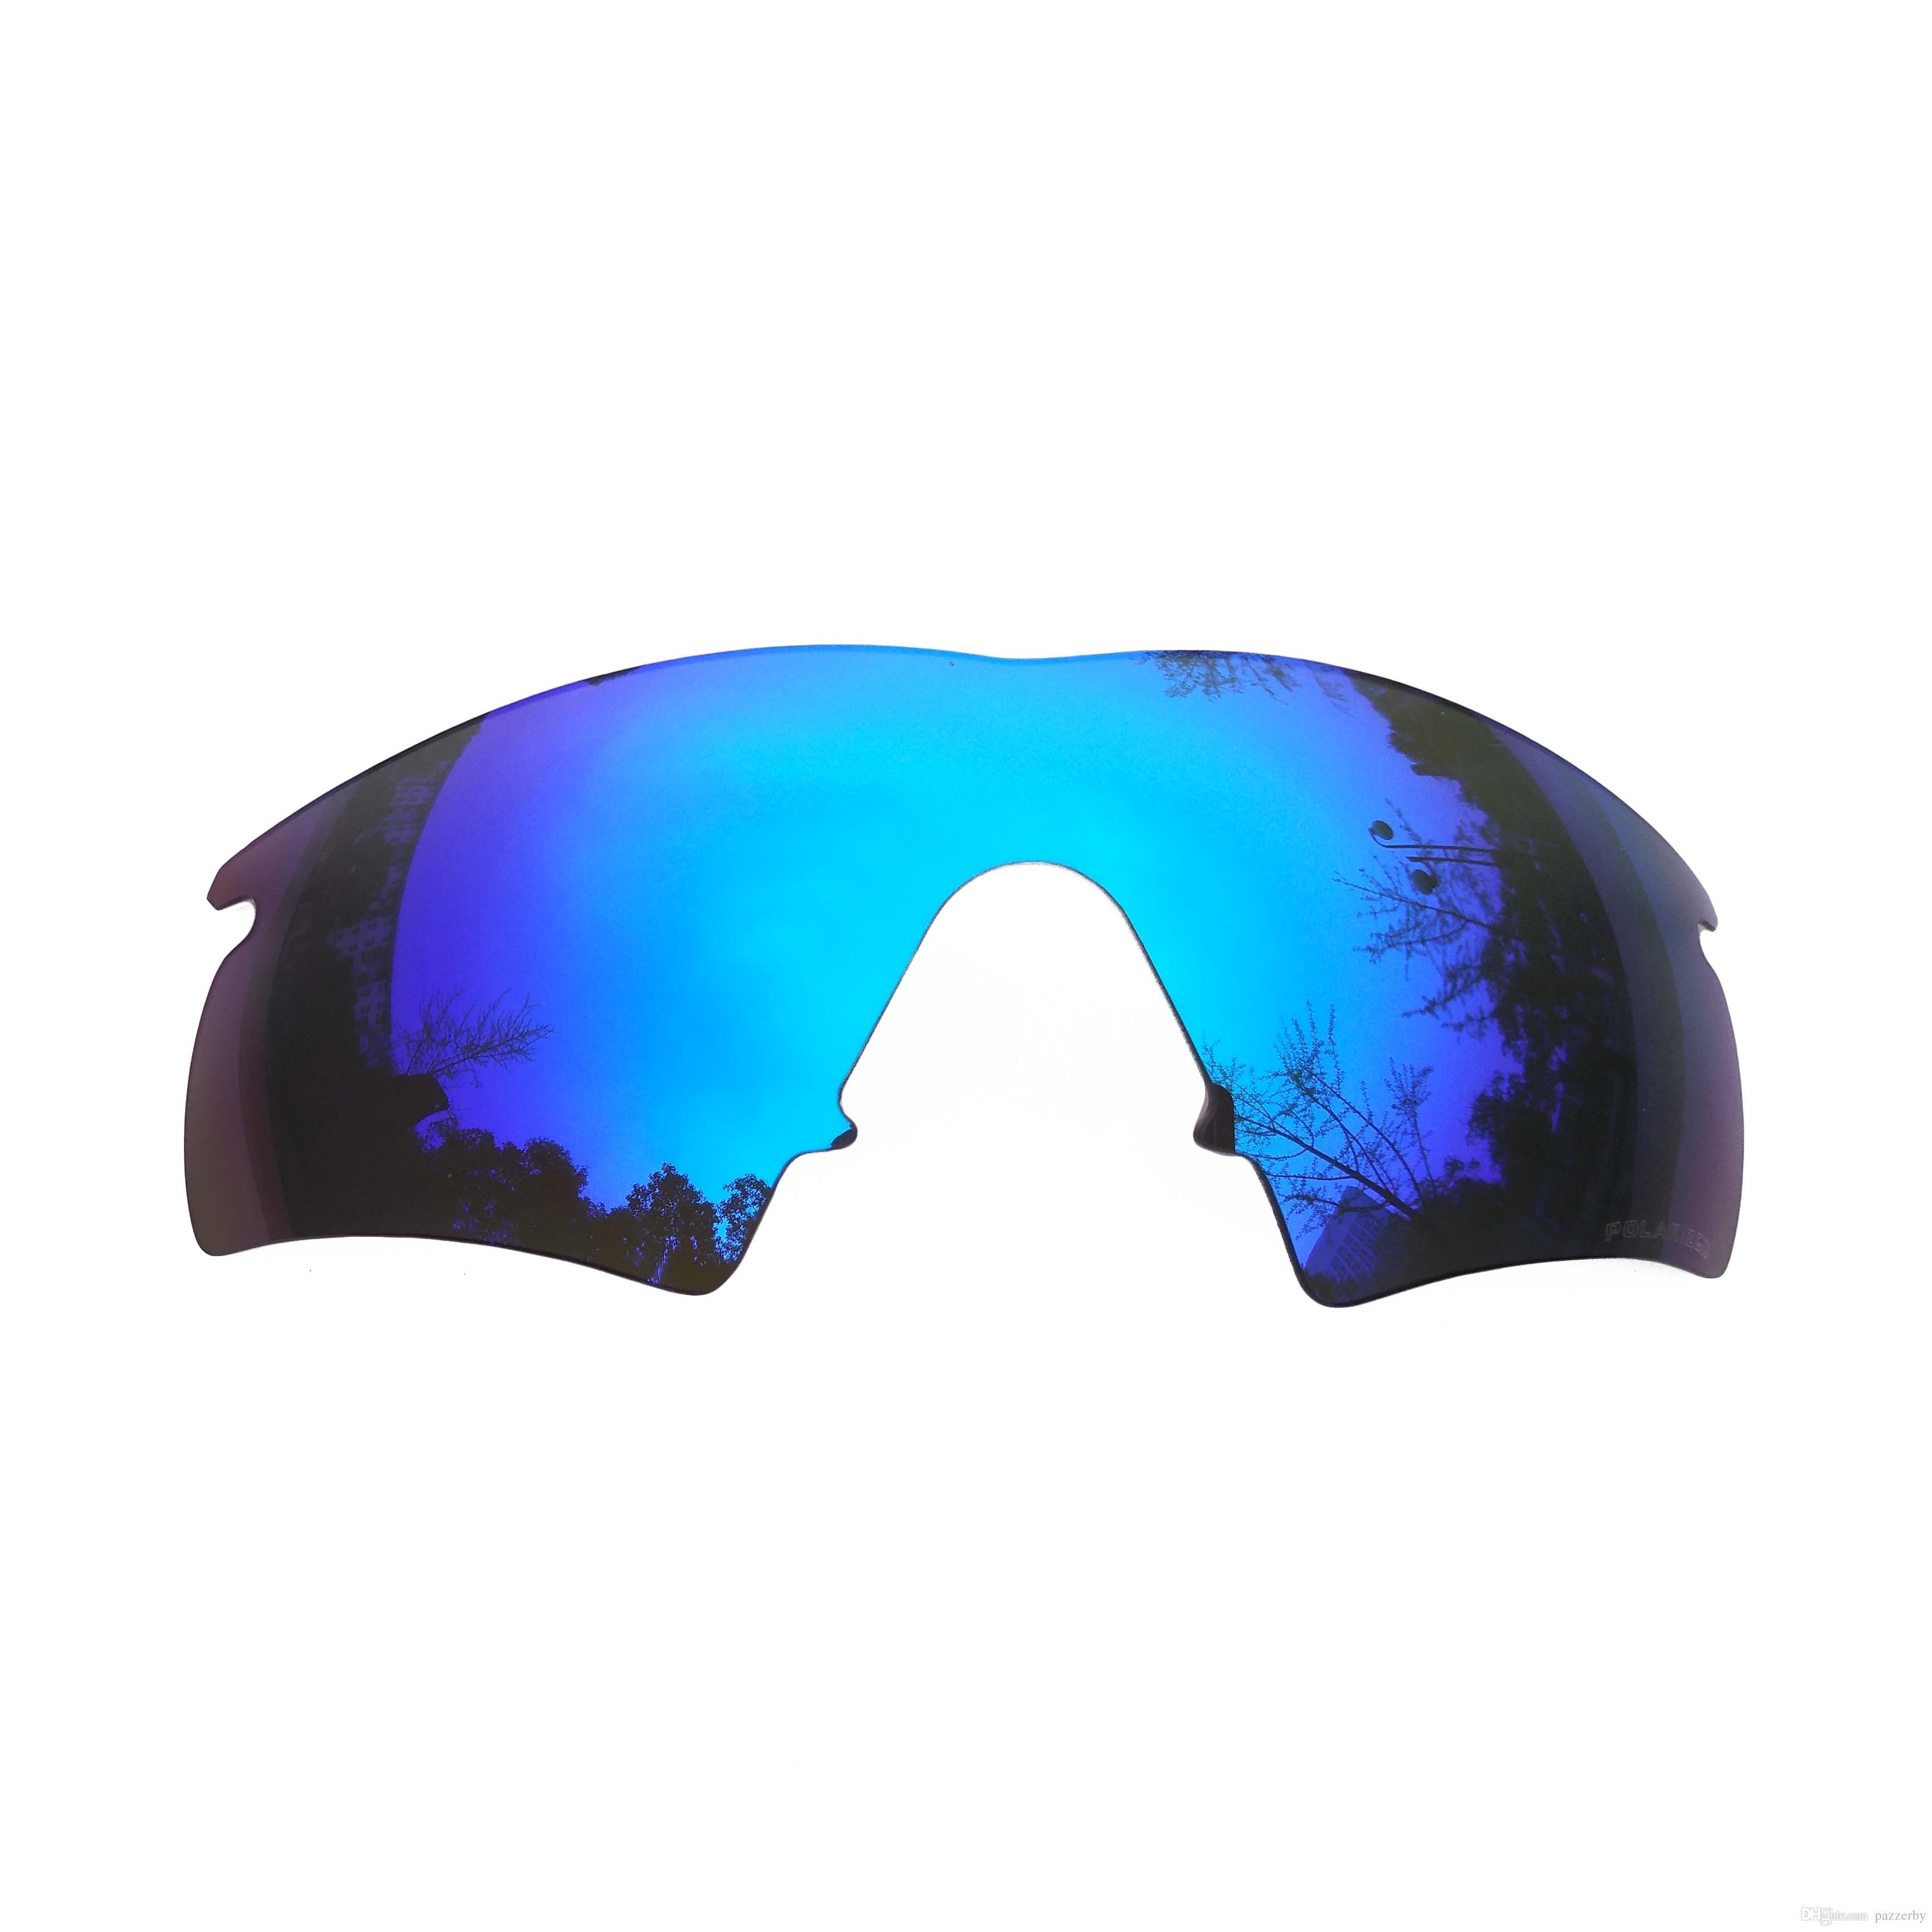 baebdebf3a Compre Lentes De Repuesto Polarizadas Con Espejo De Color Azul Hielo Para  Gafas De Sol Híbridas M Frame Anti Polvo De Agua Salada A $15.22 Del  Pazzerby ...